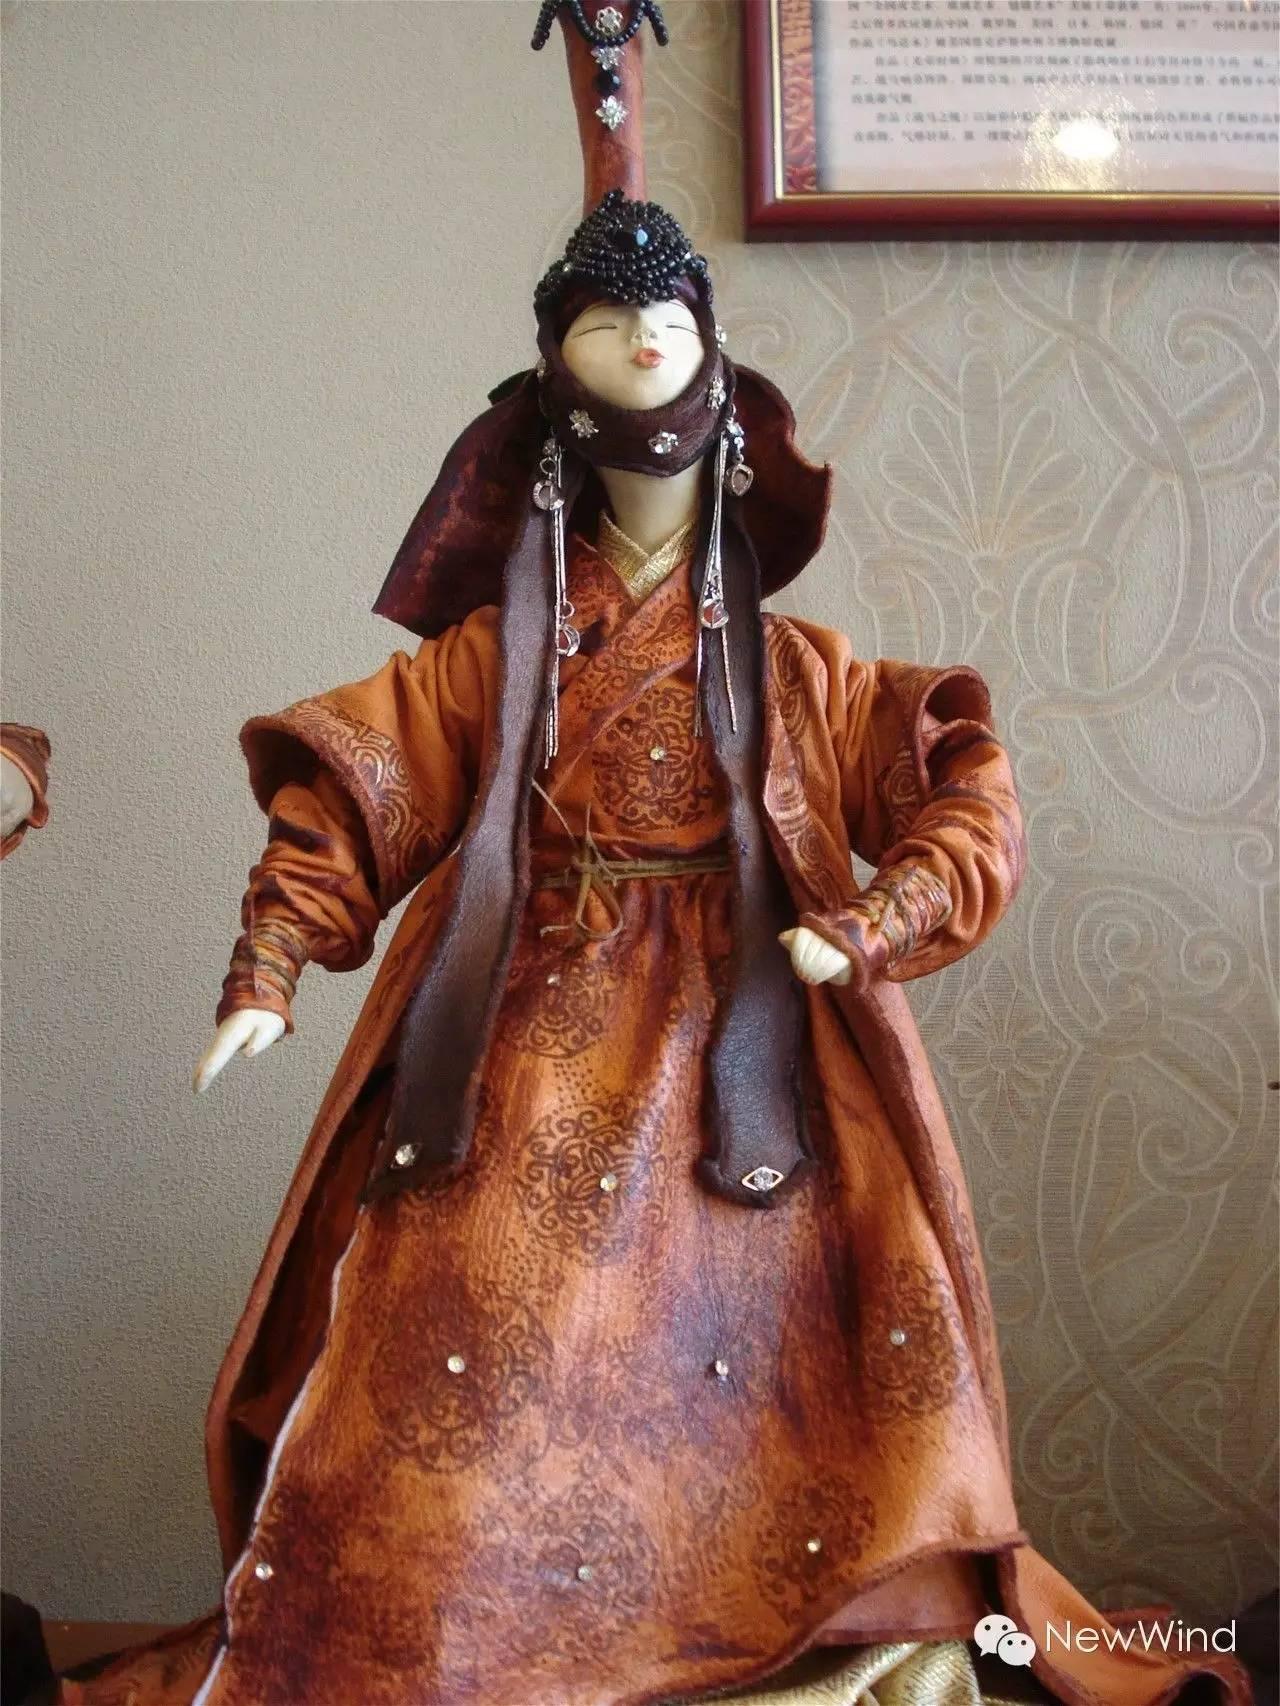 【艺术家】蒙古国画家 . 艺术家  - D.Gantugs 玩偶作品 第1张 【艺术家】蒙古国画家 . 艺术家  - D.Gantugs 玩偶作品 蒙古画廊